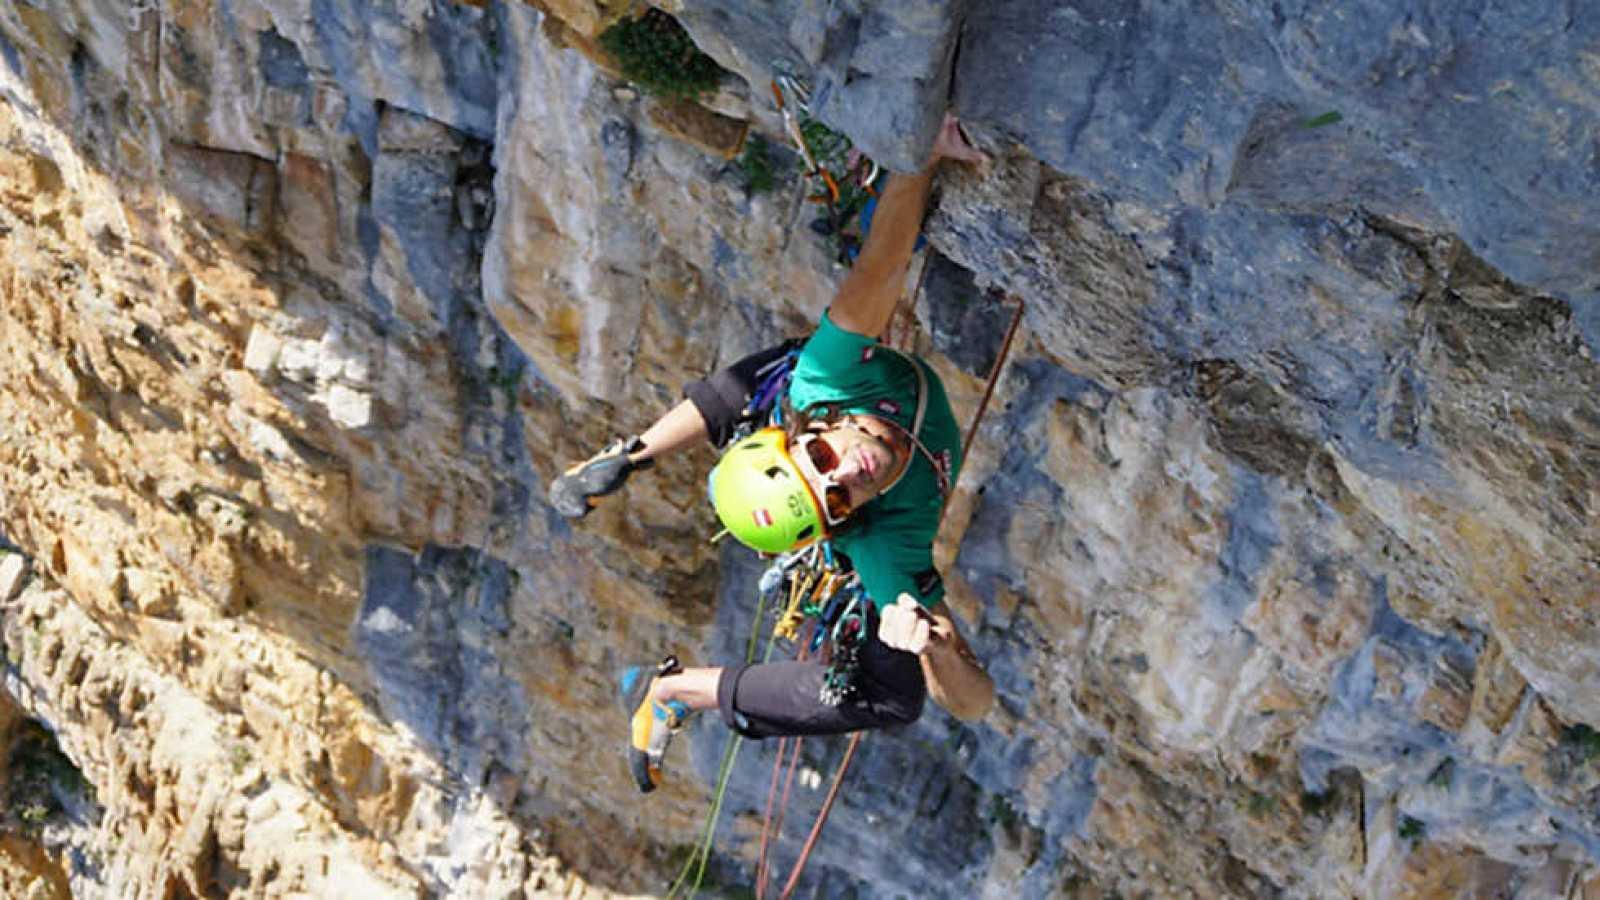 Al filo de lo imposible - Pirineos: territorio de aventura - ver ahora